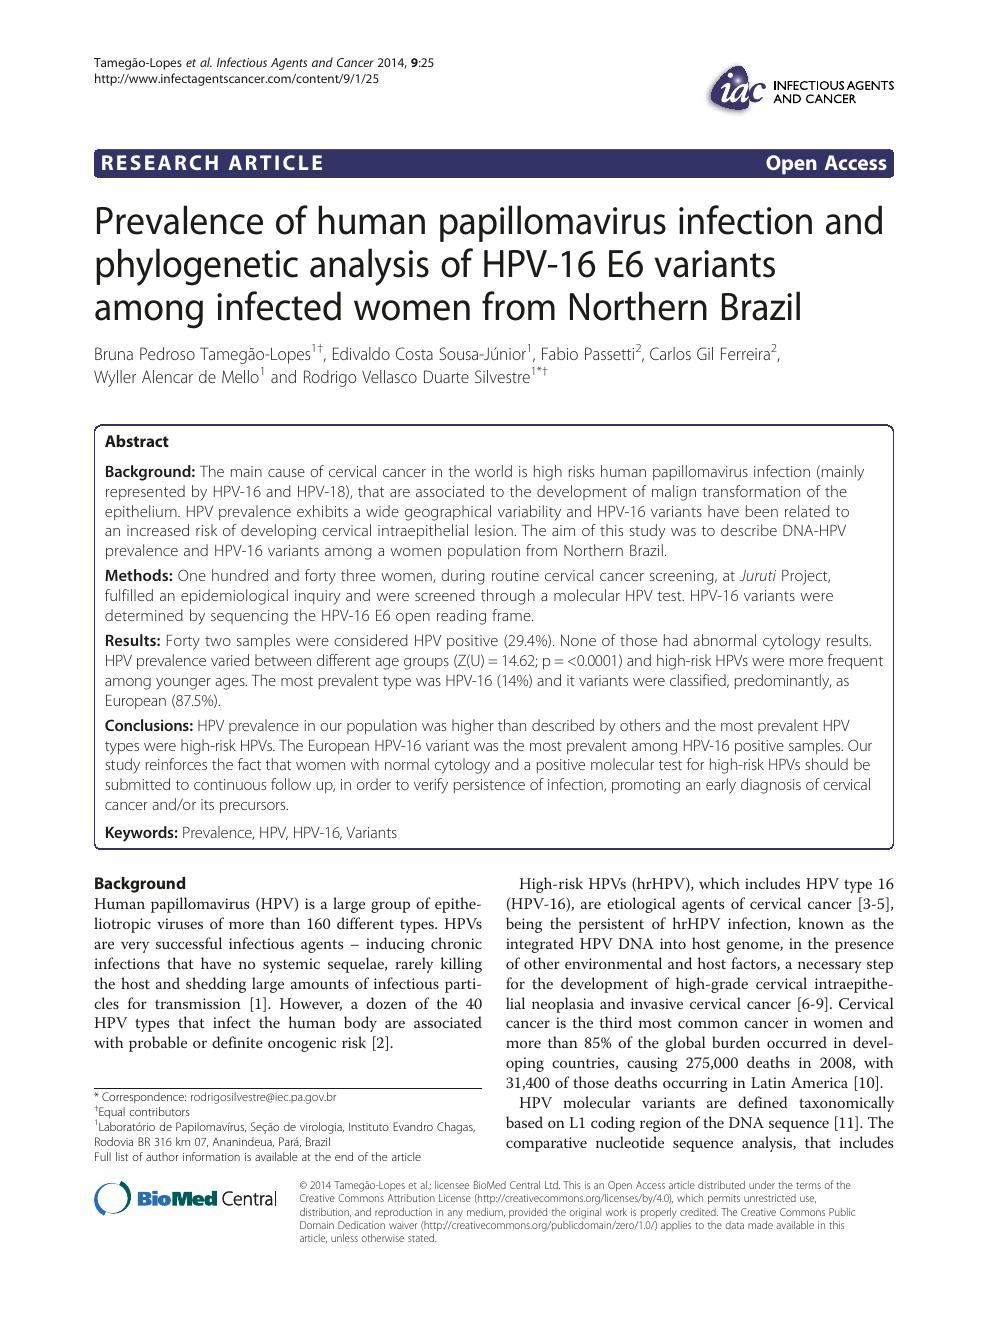 human papillomavirus infection variants